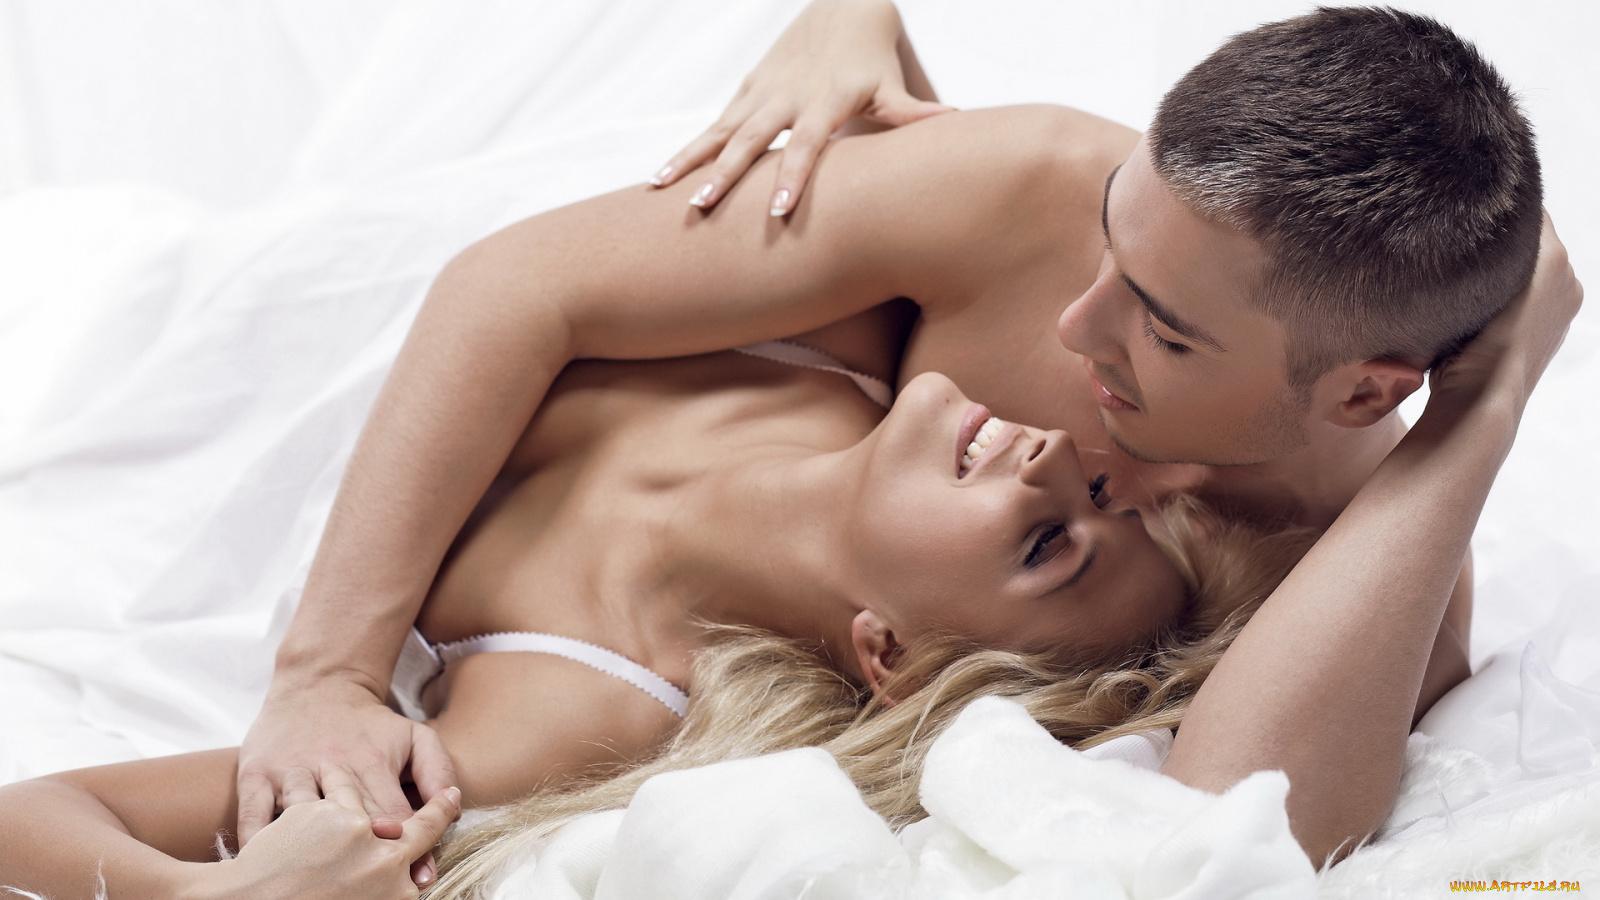 Позы для секса - 138 фото лучших секс поз Видео смотреть